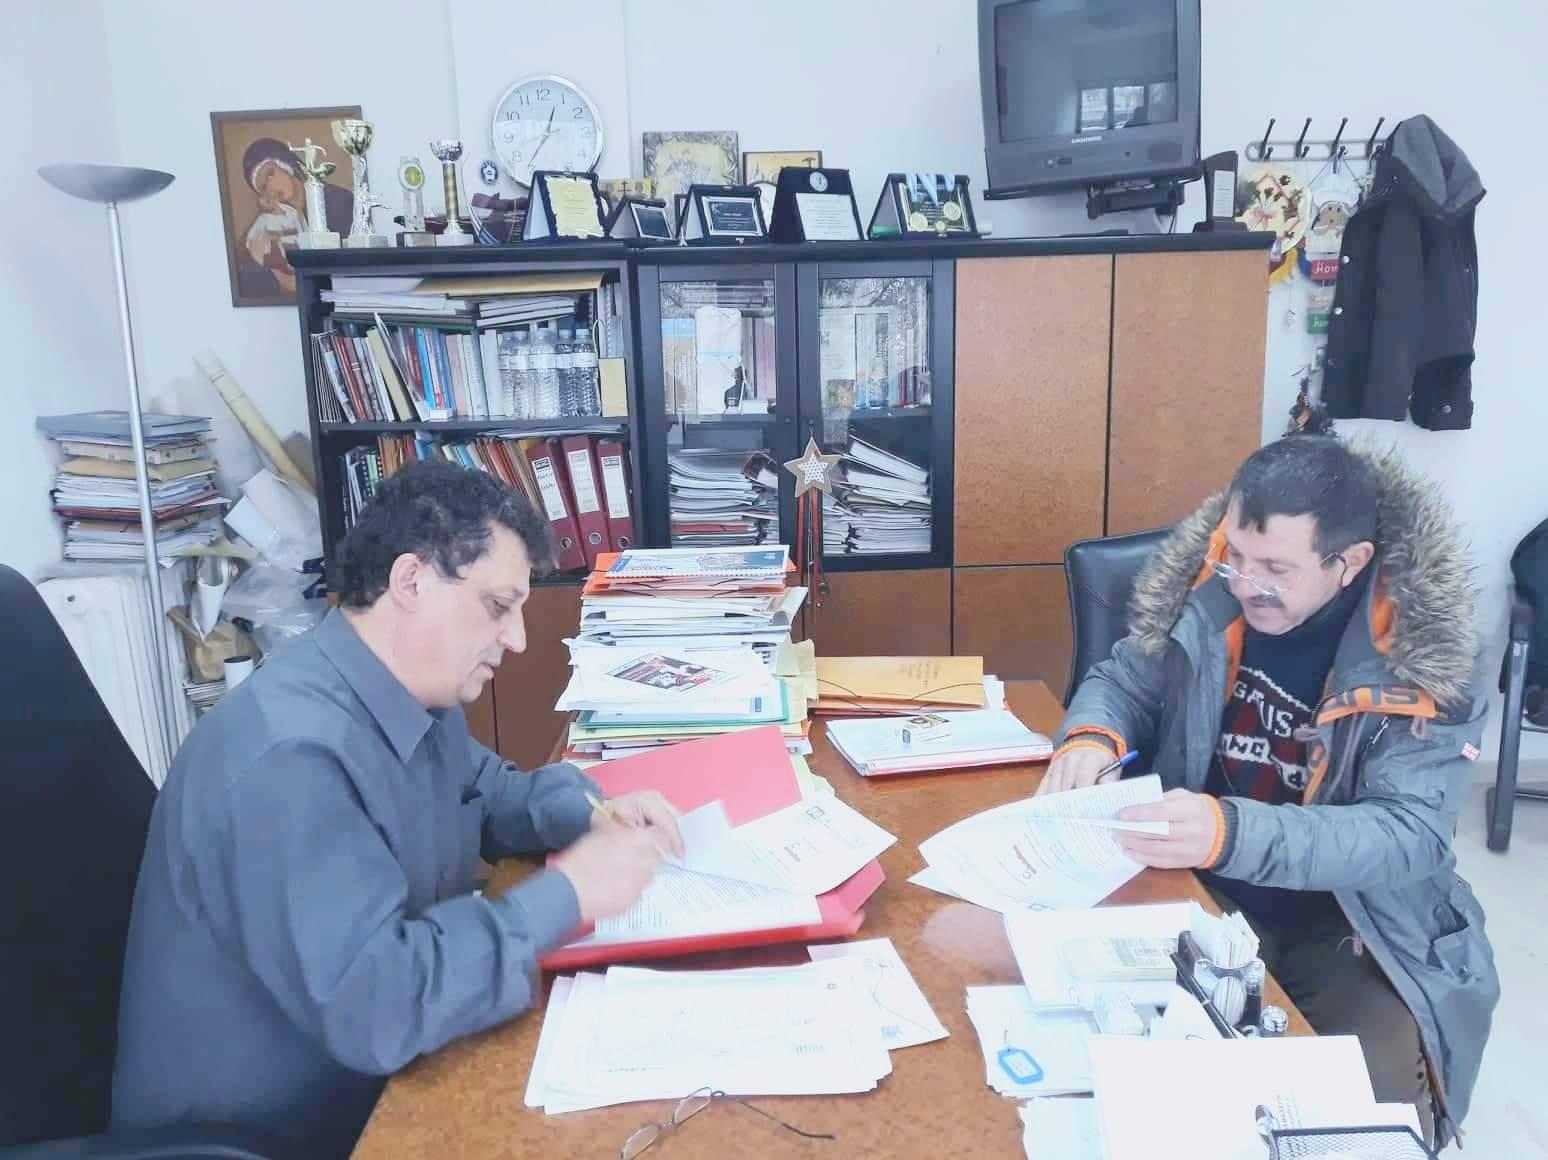 Αποτέλεσμα εικόνας για Υπεγράφη η σύμβαση για την βελτίωση  πρόσβασης γεωργικών και κτηνοτροφικών  εκμεταλλεύσεων του Δήμου Αλιάρτου – Θεσπιέων